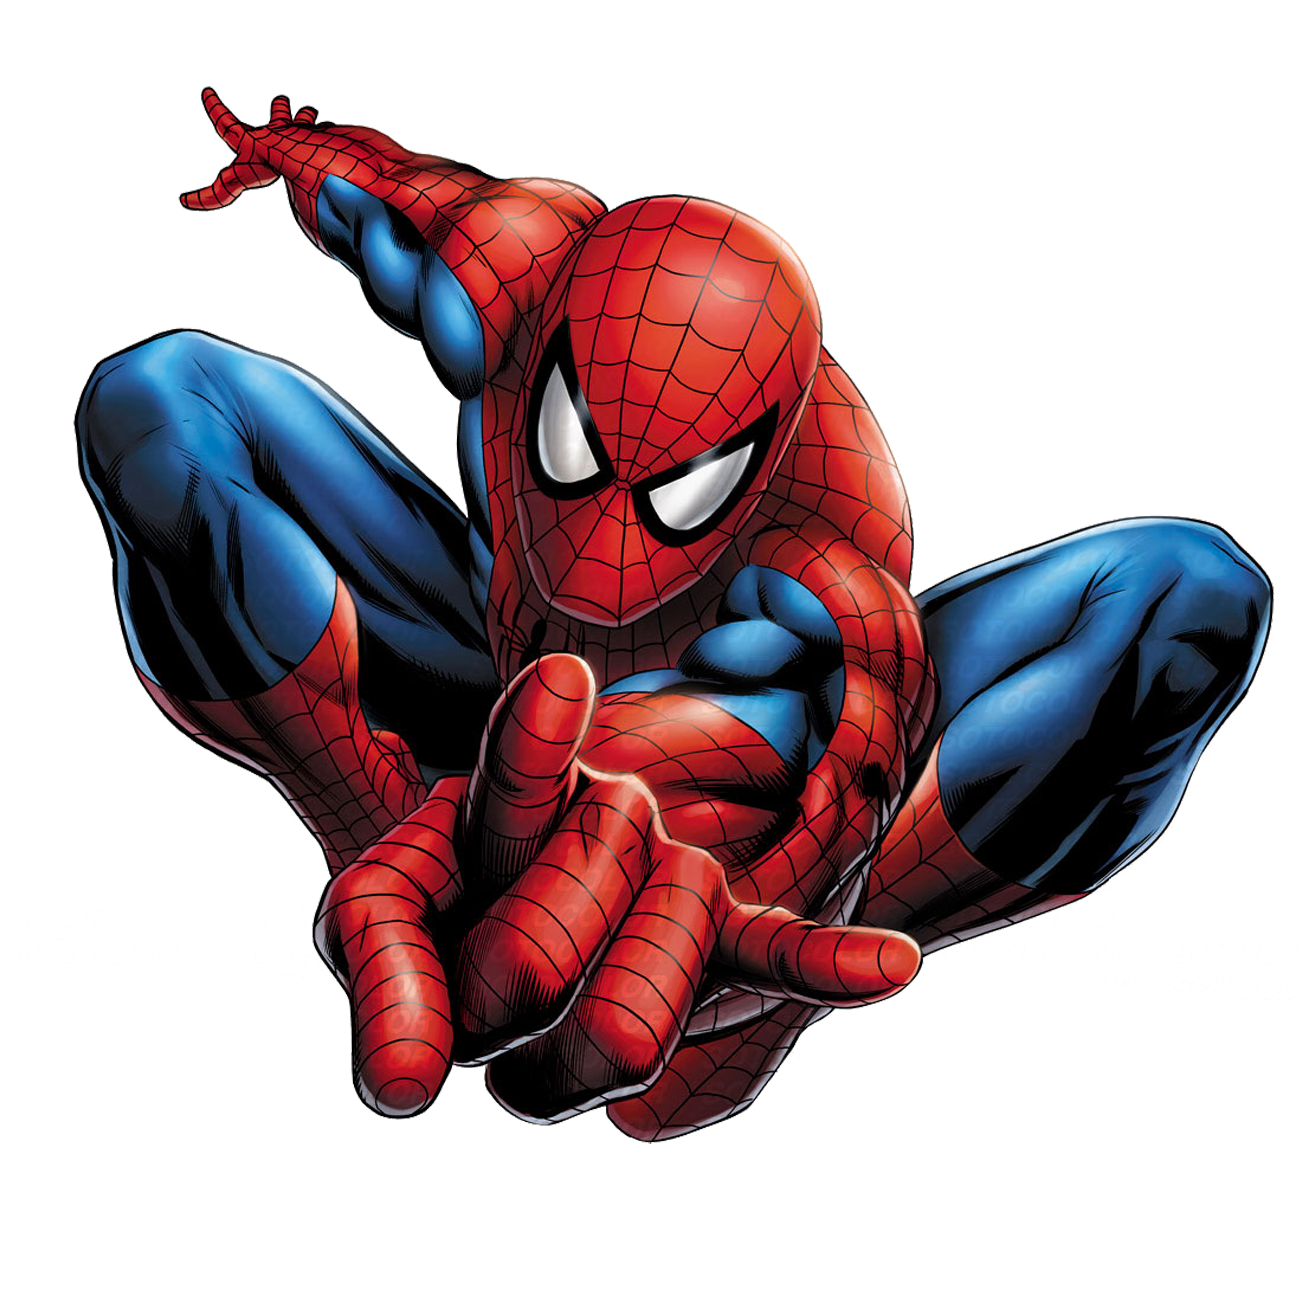 c56585cd0a2ca8b0bc1fab6df87dd955.png (1302×1302) | Spider ...